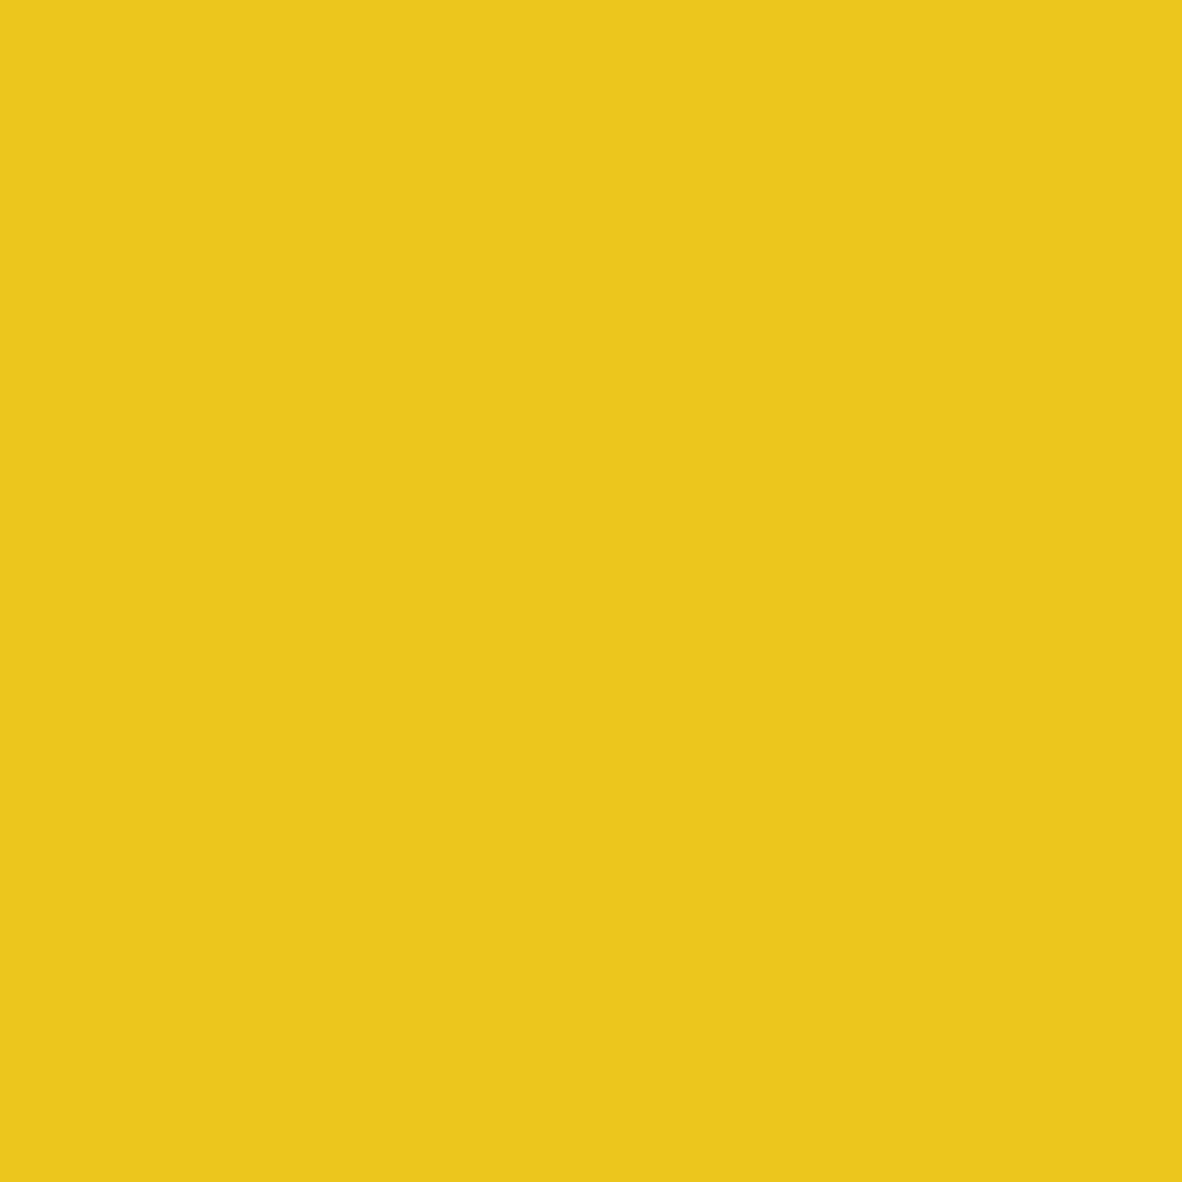 ไอคอน รั้วล้อมสัตว์ของรั้วตาข่ายถักปม รุ่นสูง 165 ซม.